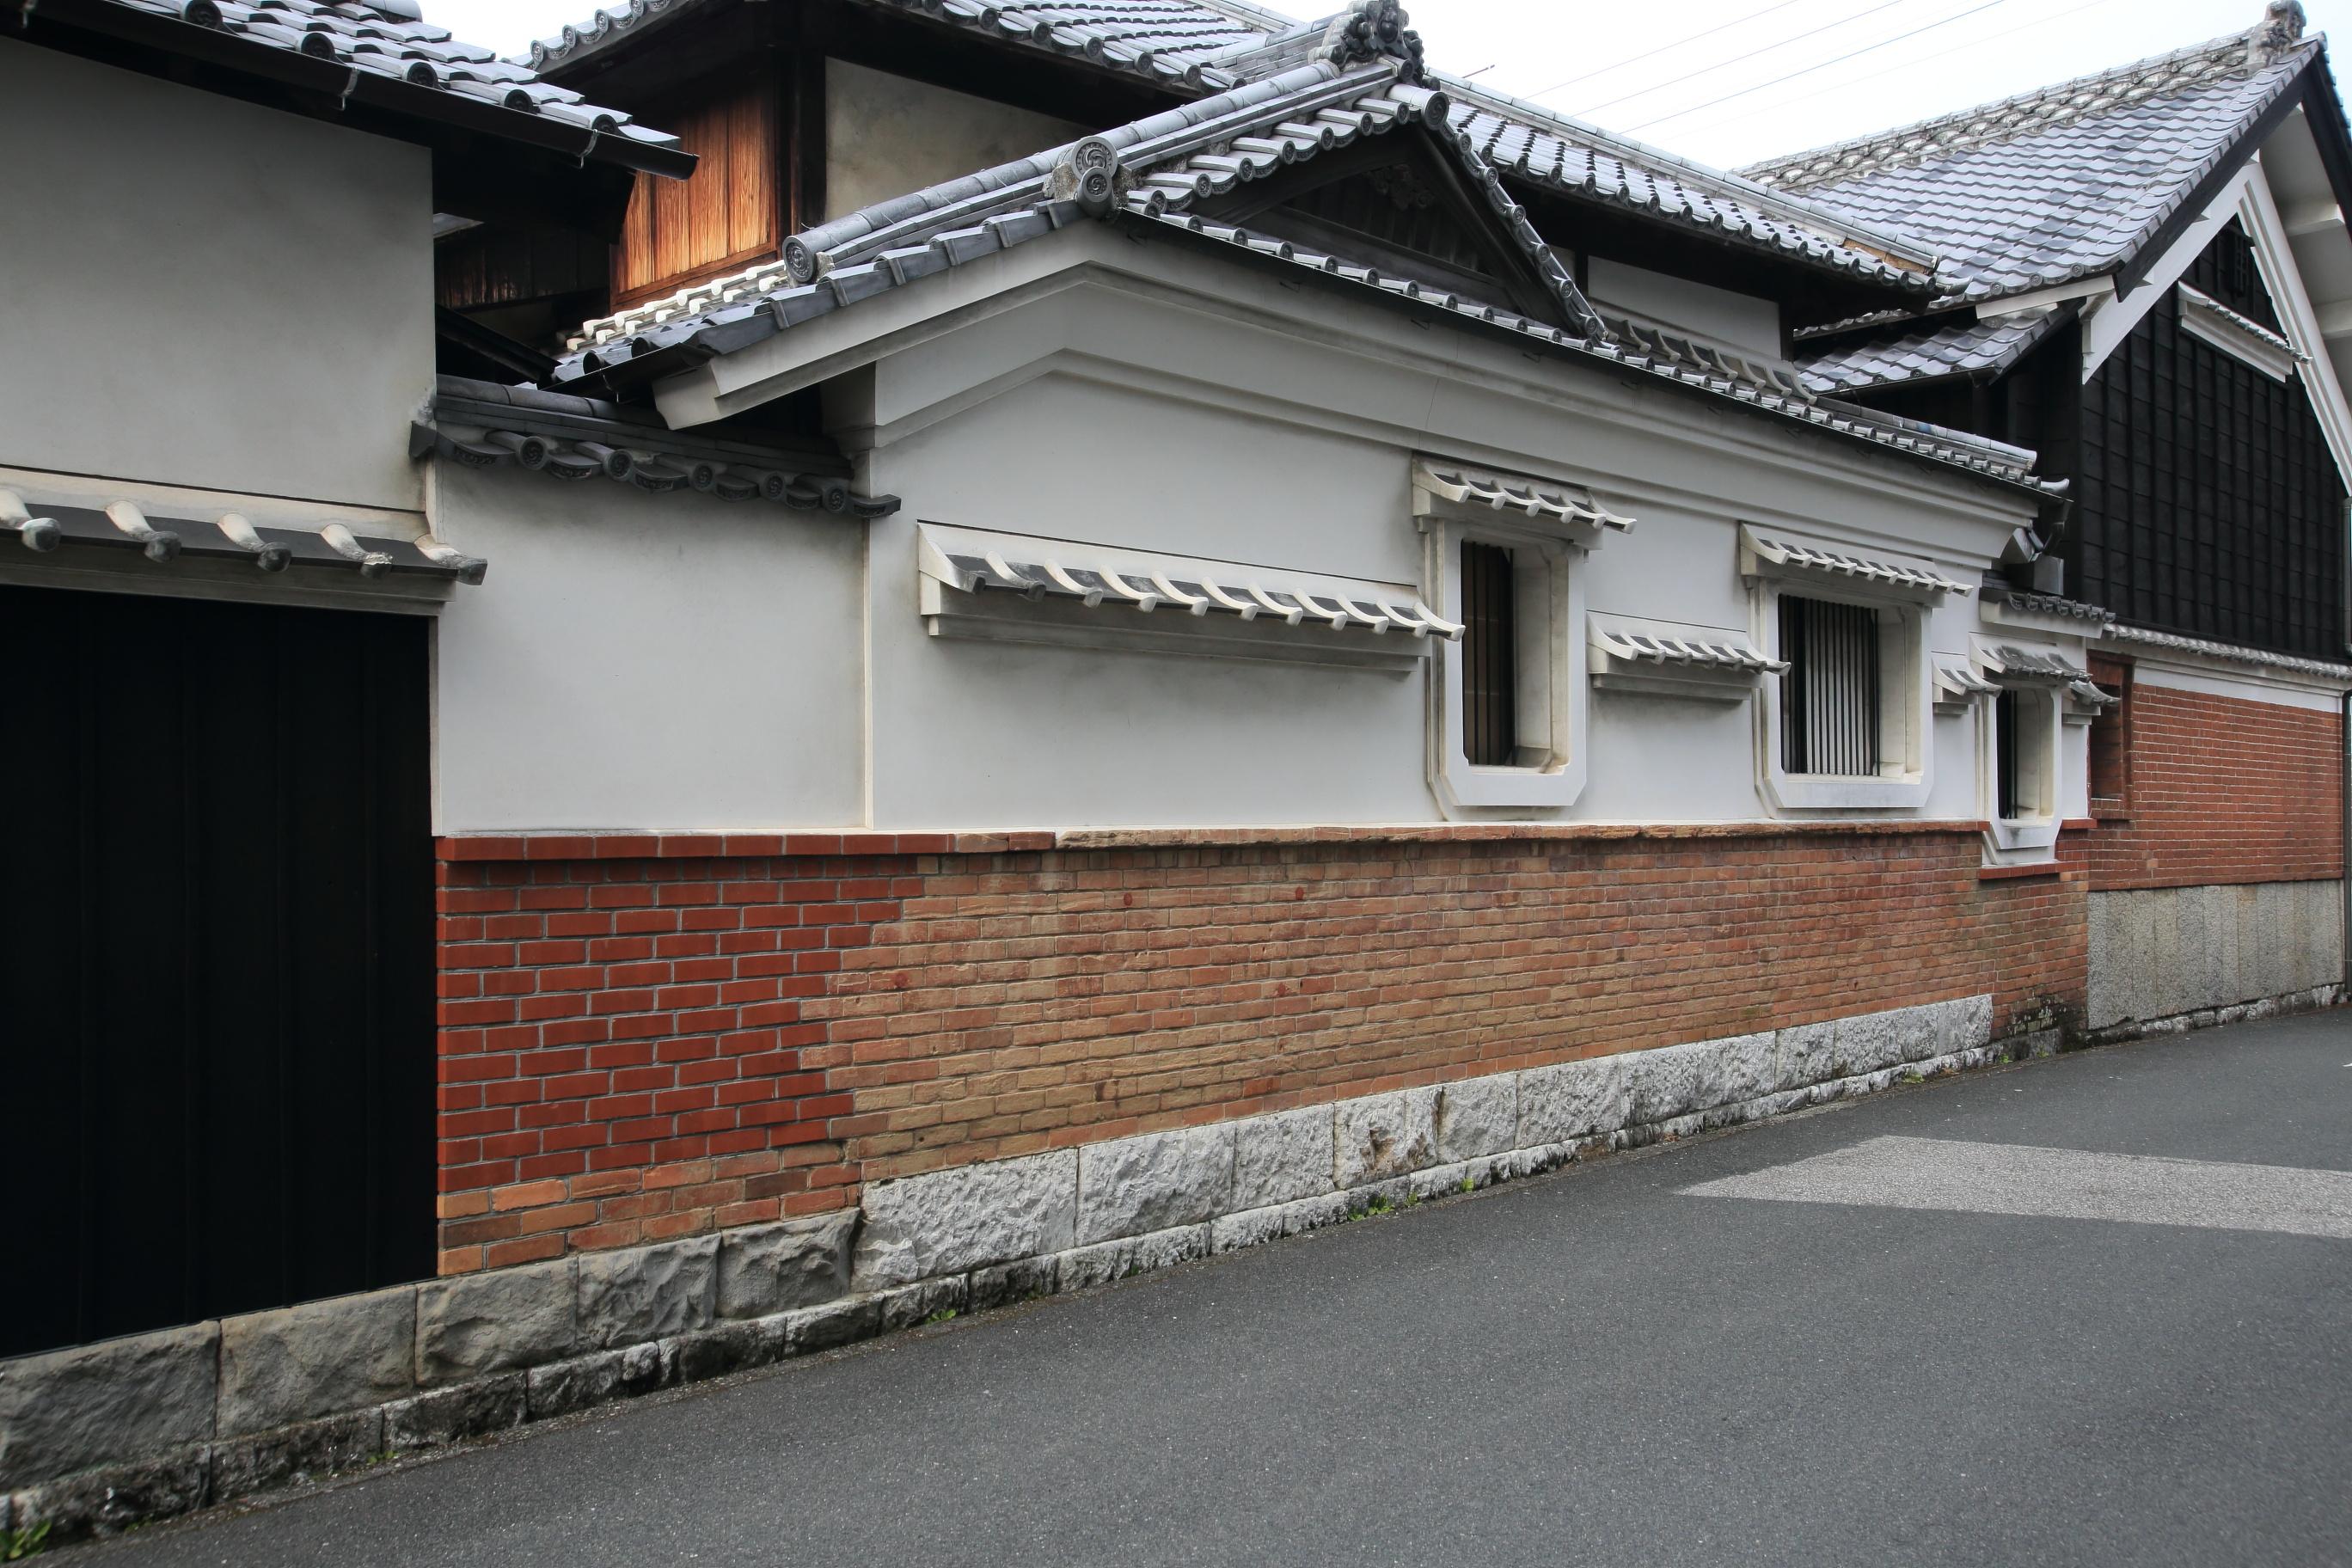 県外へ和紙を輸出した船便の帰路にレンガを運んだため、レンガの家も多い。